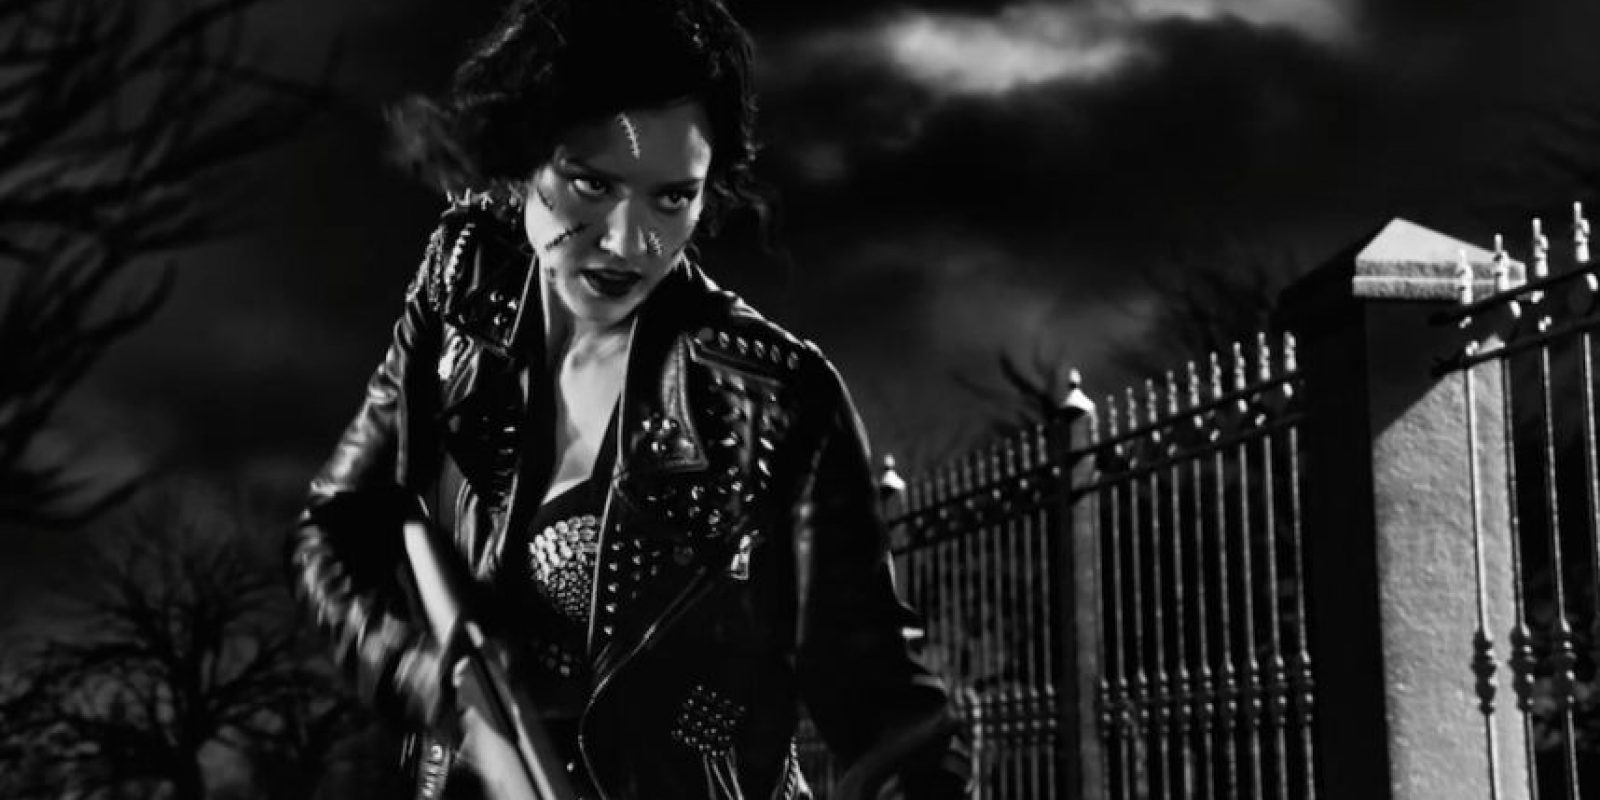 El personaje de Jessica Alba sufre una transformación durante el desarrollo del filme Foto:Cineguate